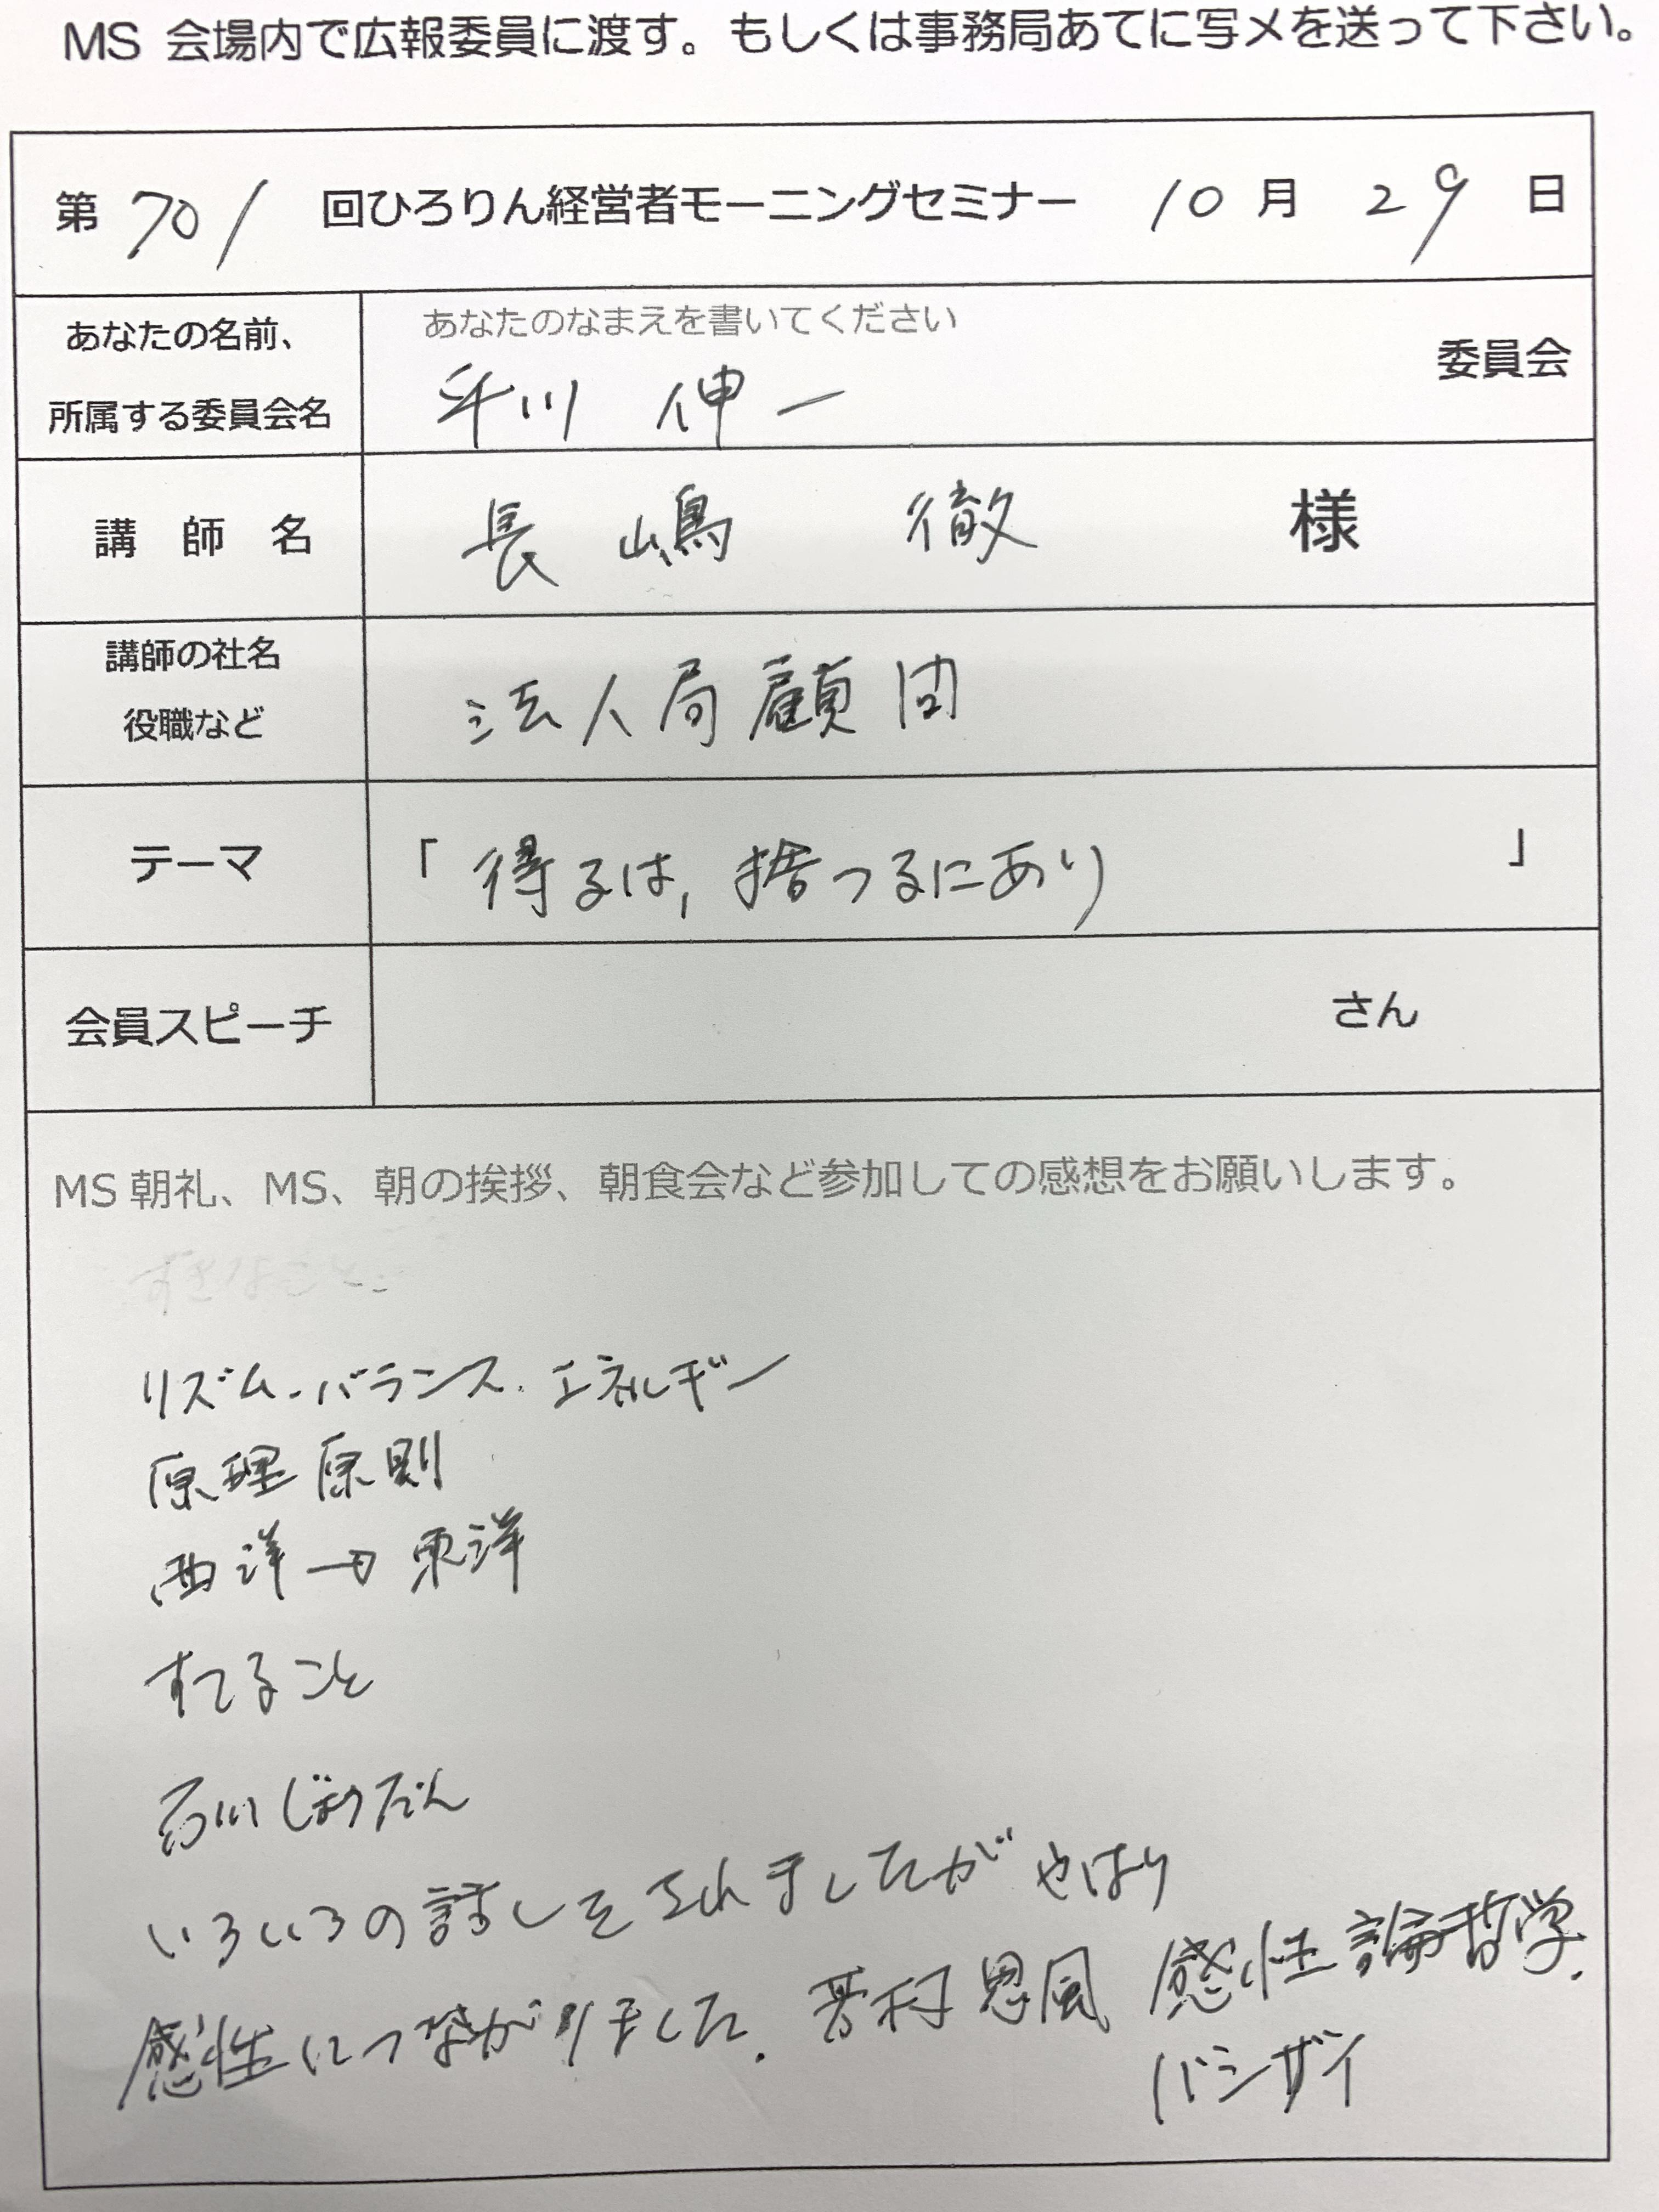 10月29日 第701回MSレポート